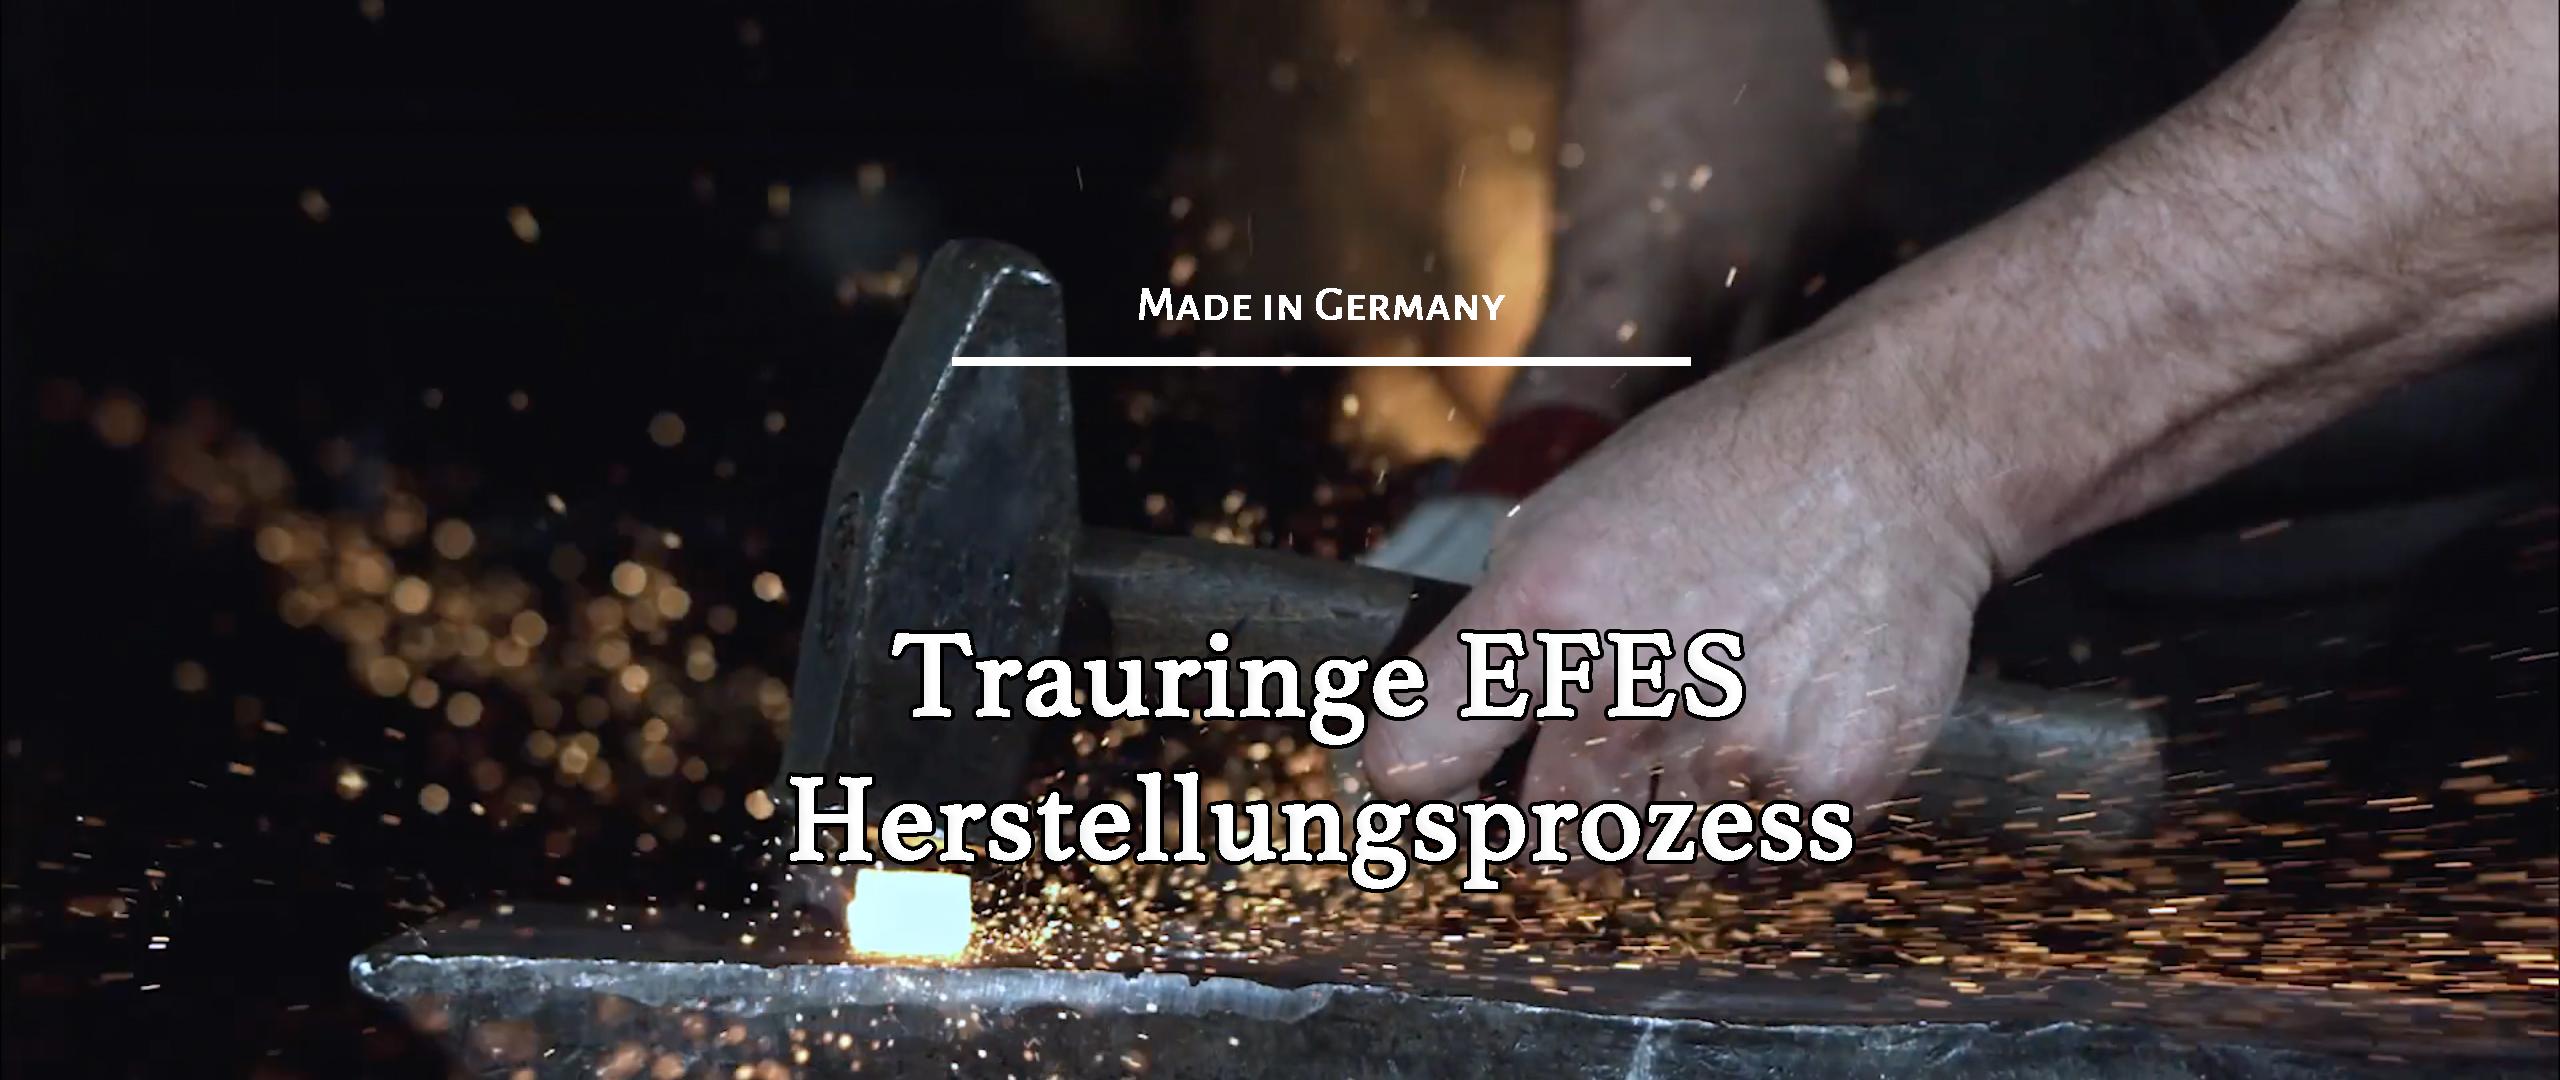 Herrstellungsprozess von Trauringe-EFES.de